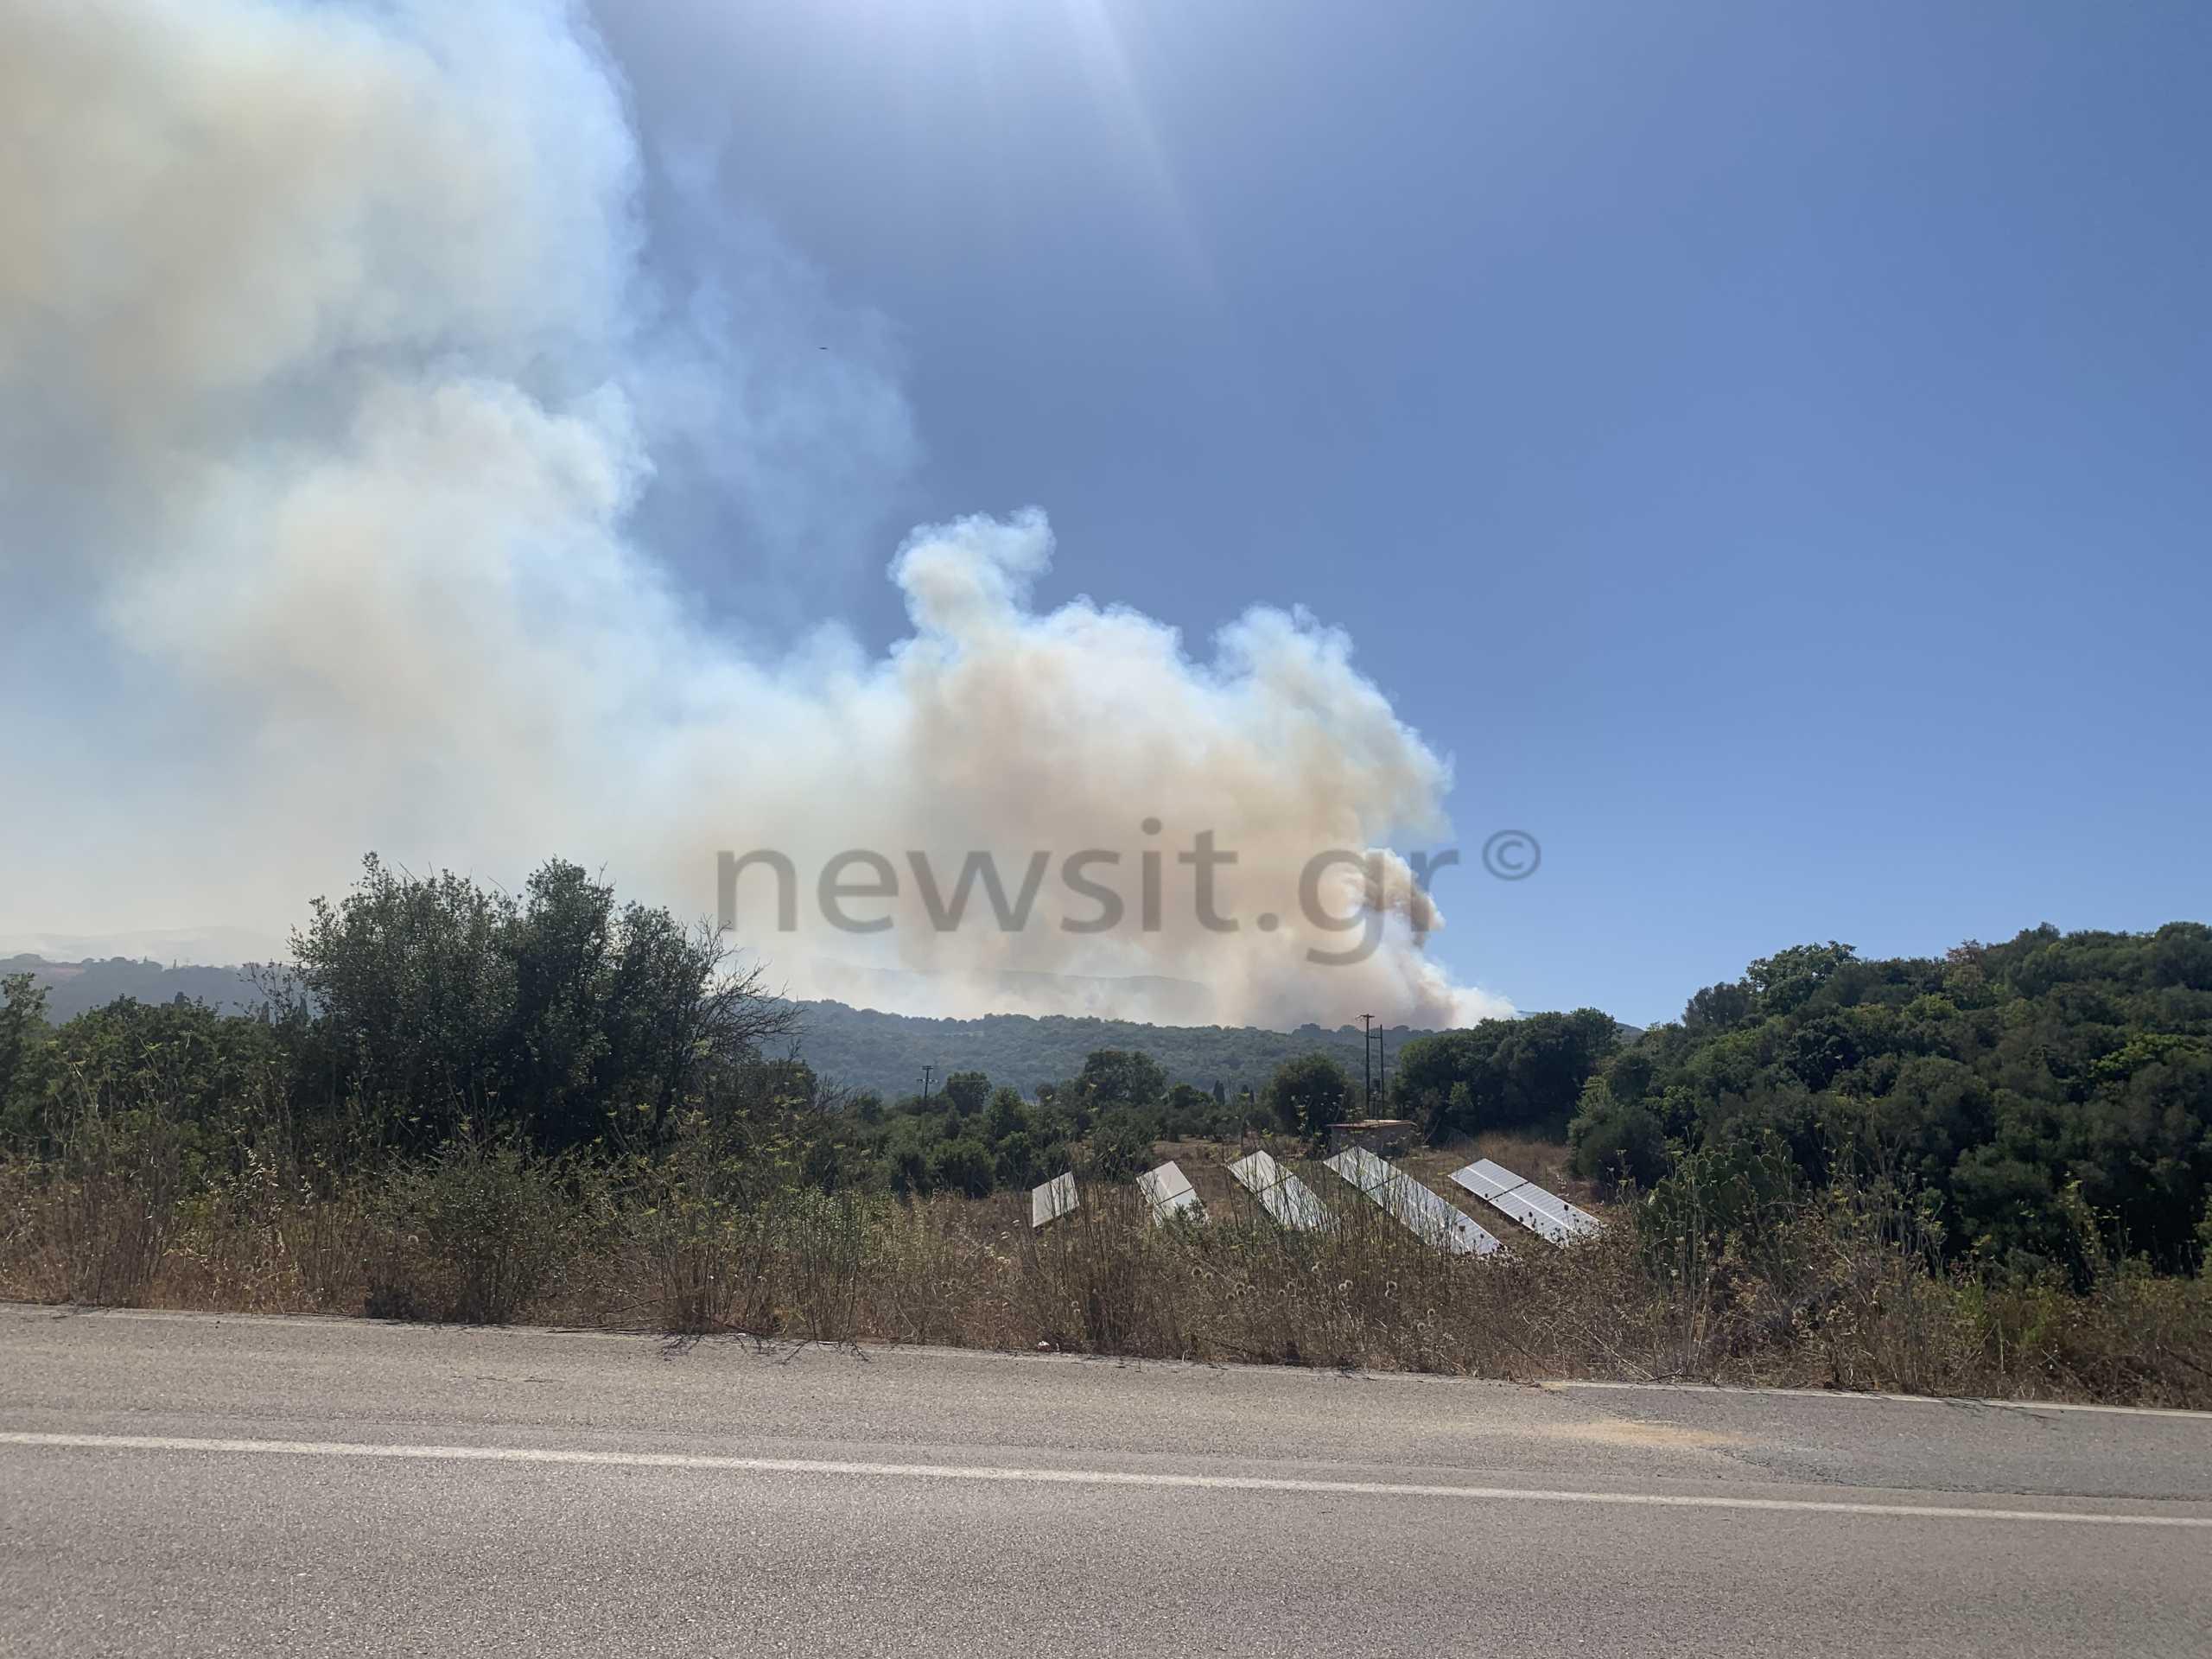 Φωτιά στη Μεσσηνία: Έκλεισε ο αυτοκινητόδρομος Κορίνθου-Τρίπολης-Καλαμάτας